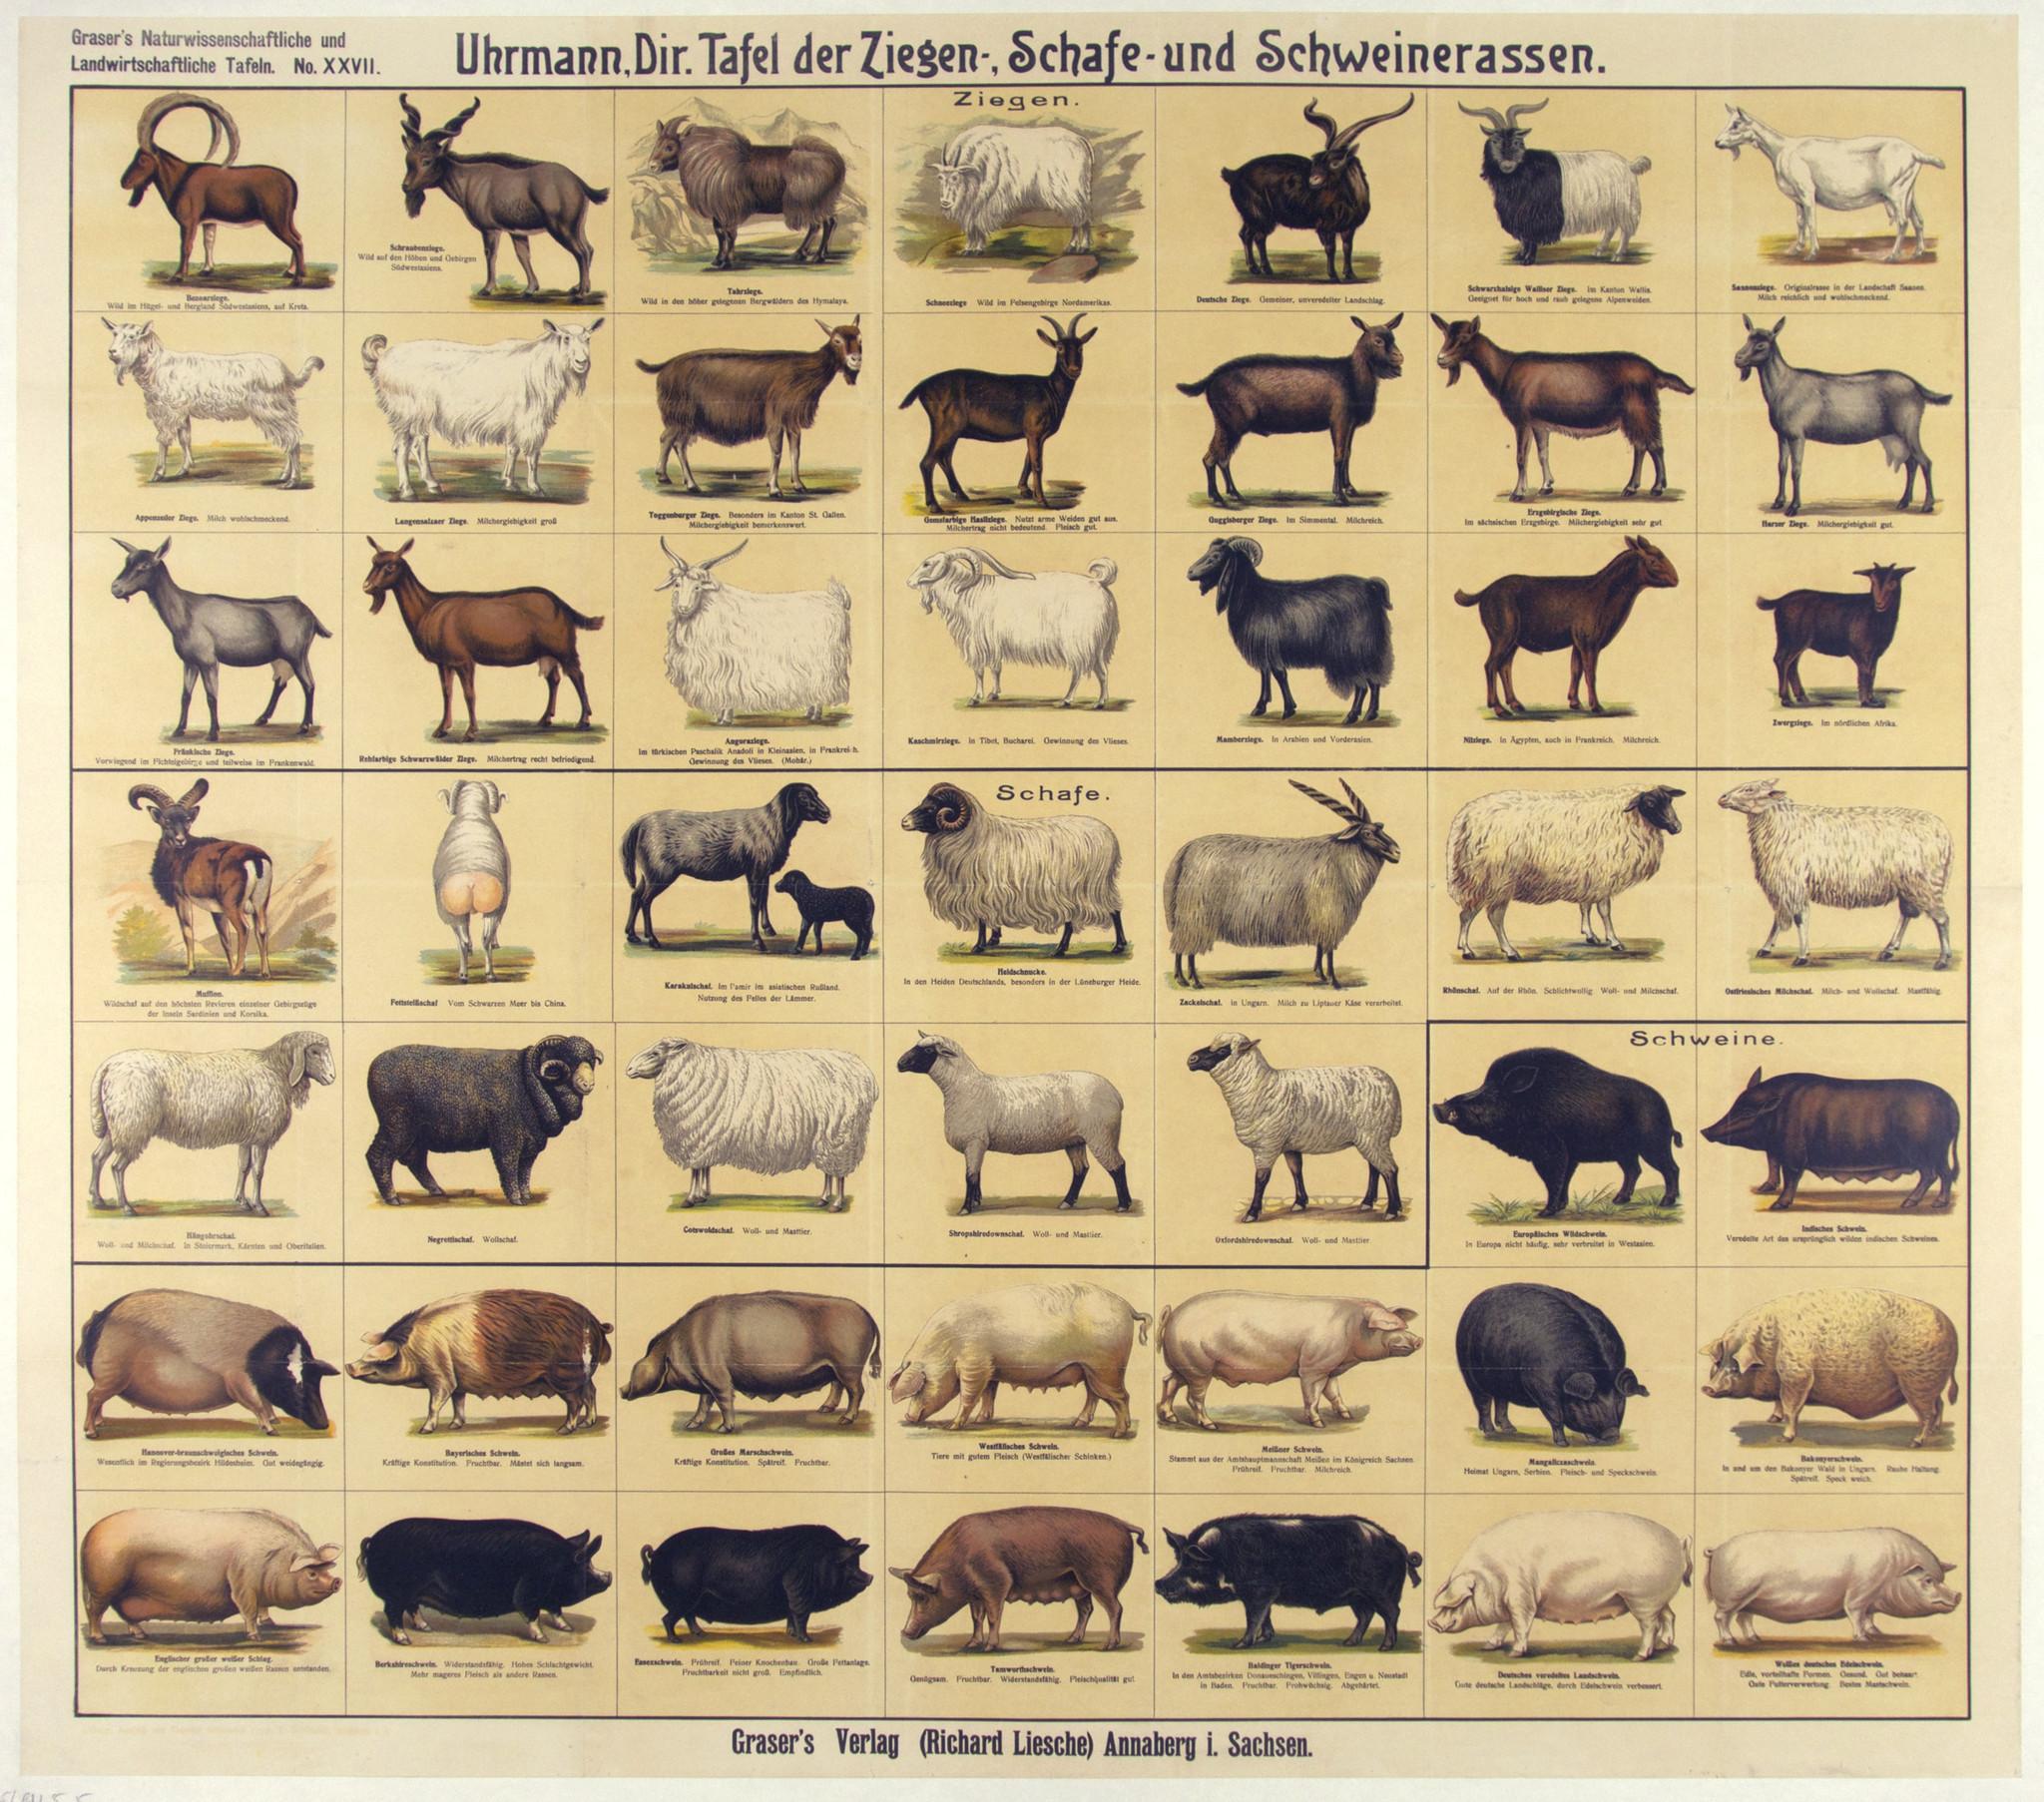 sheep-goat-swine-breed-chart